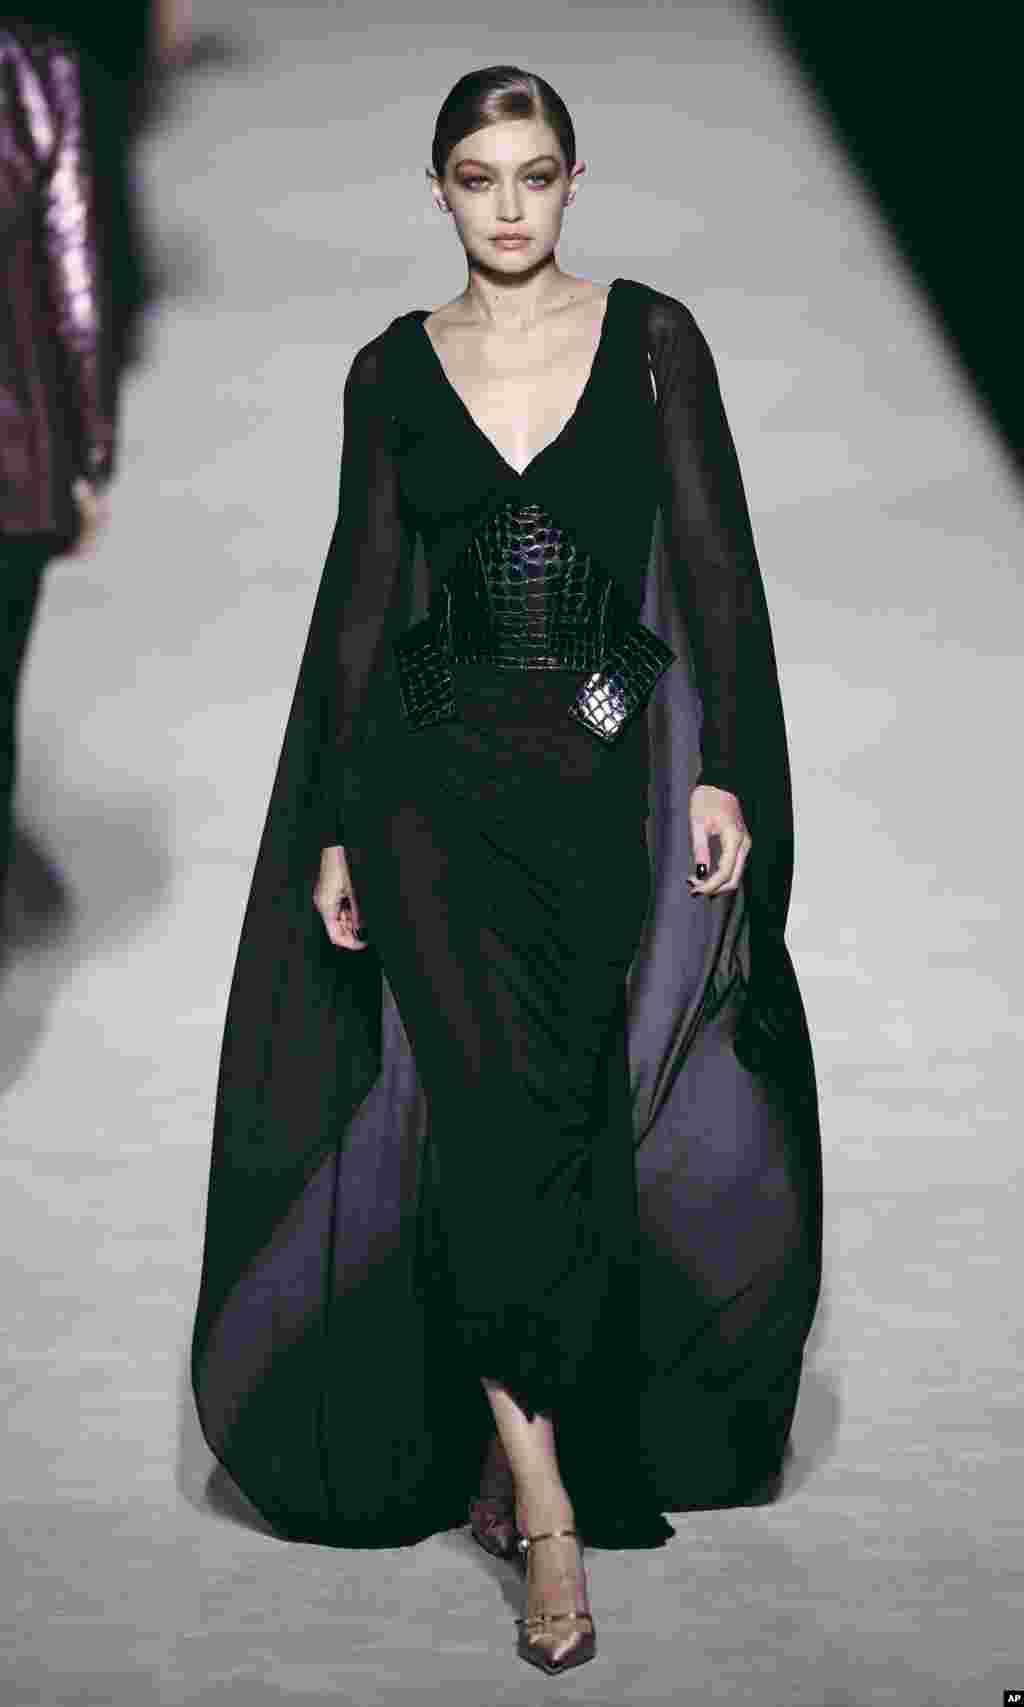 جیجی حدید و نمایش مجموعه لباس های تام فورد در هفته مد در نیویورک